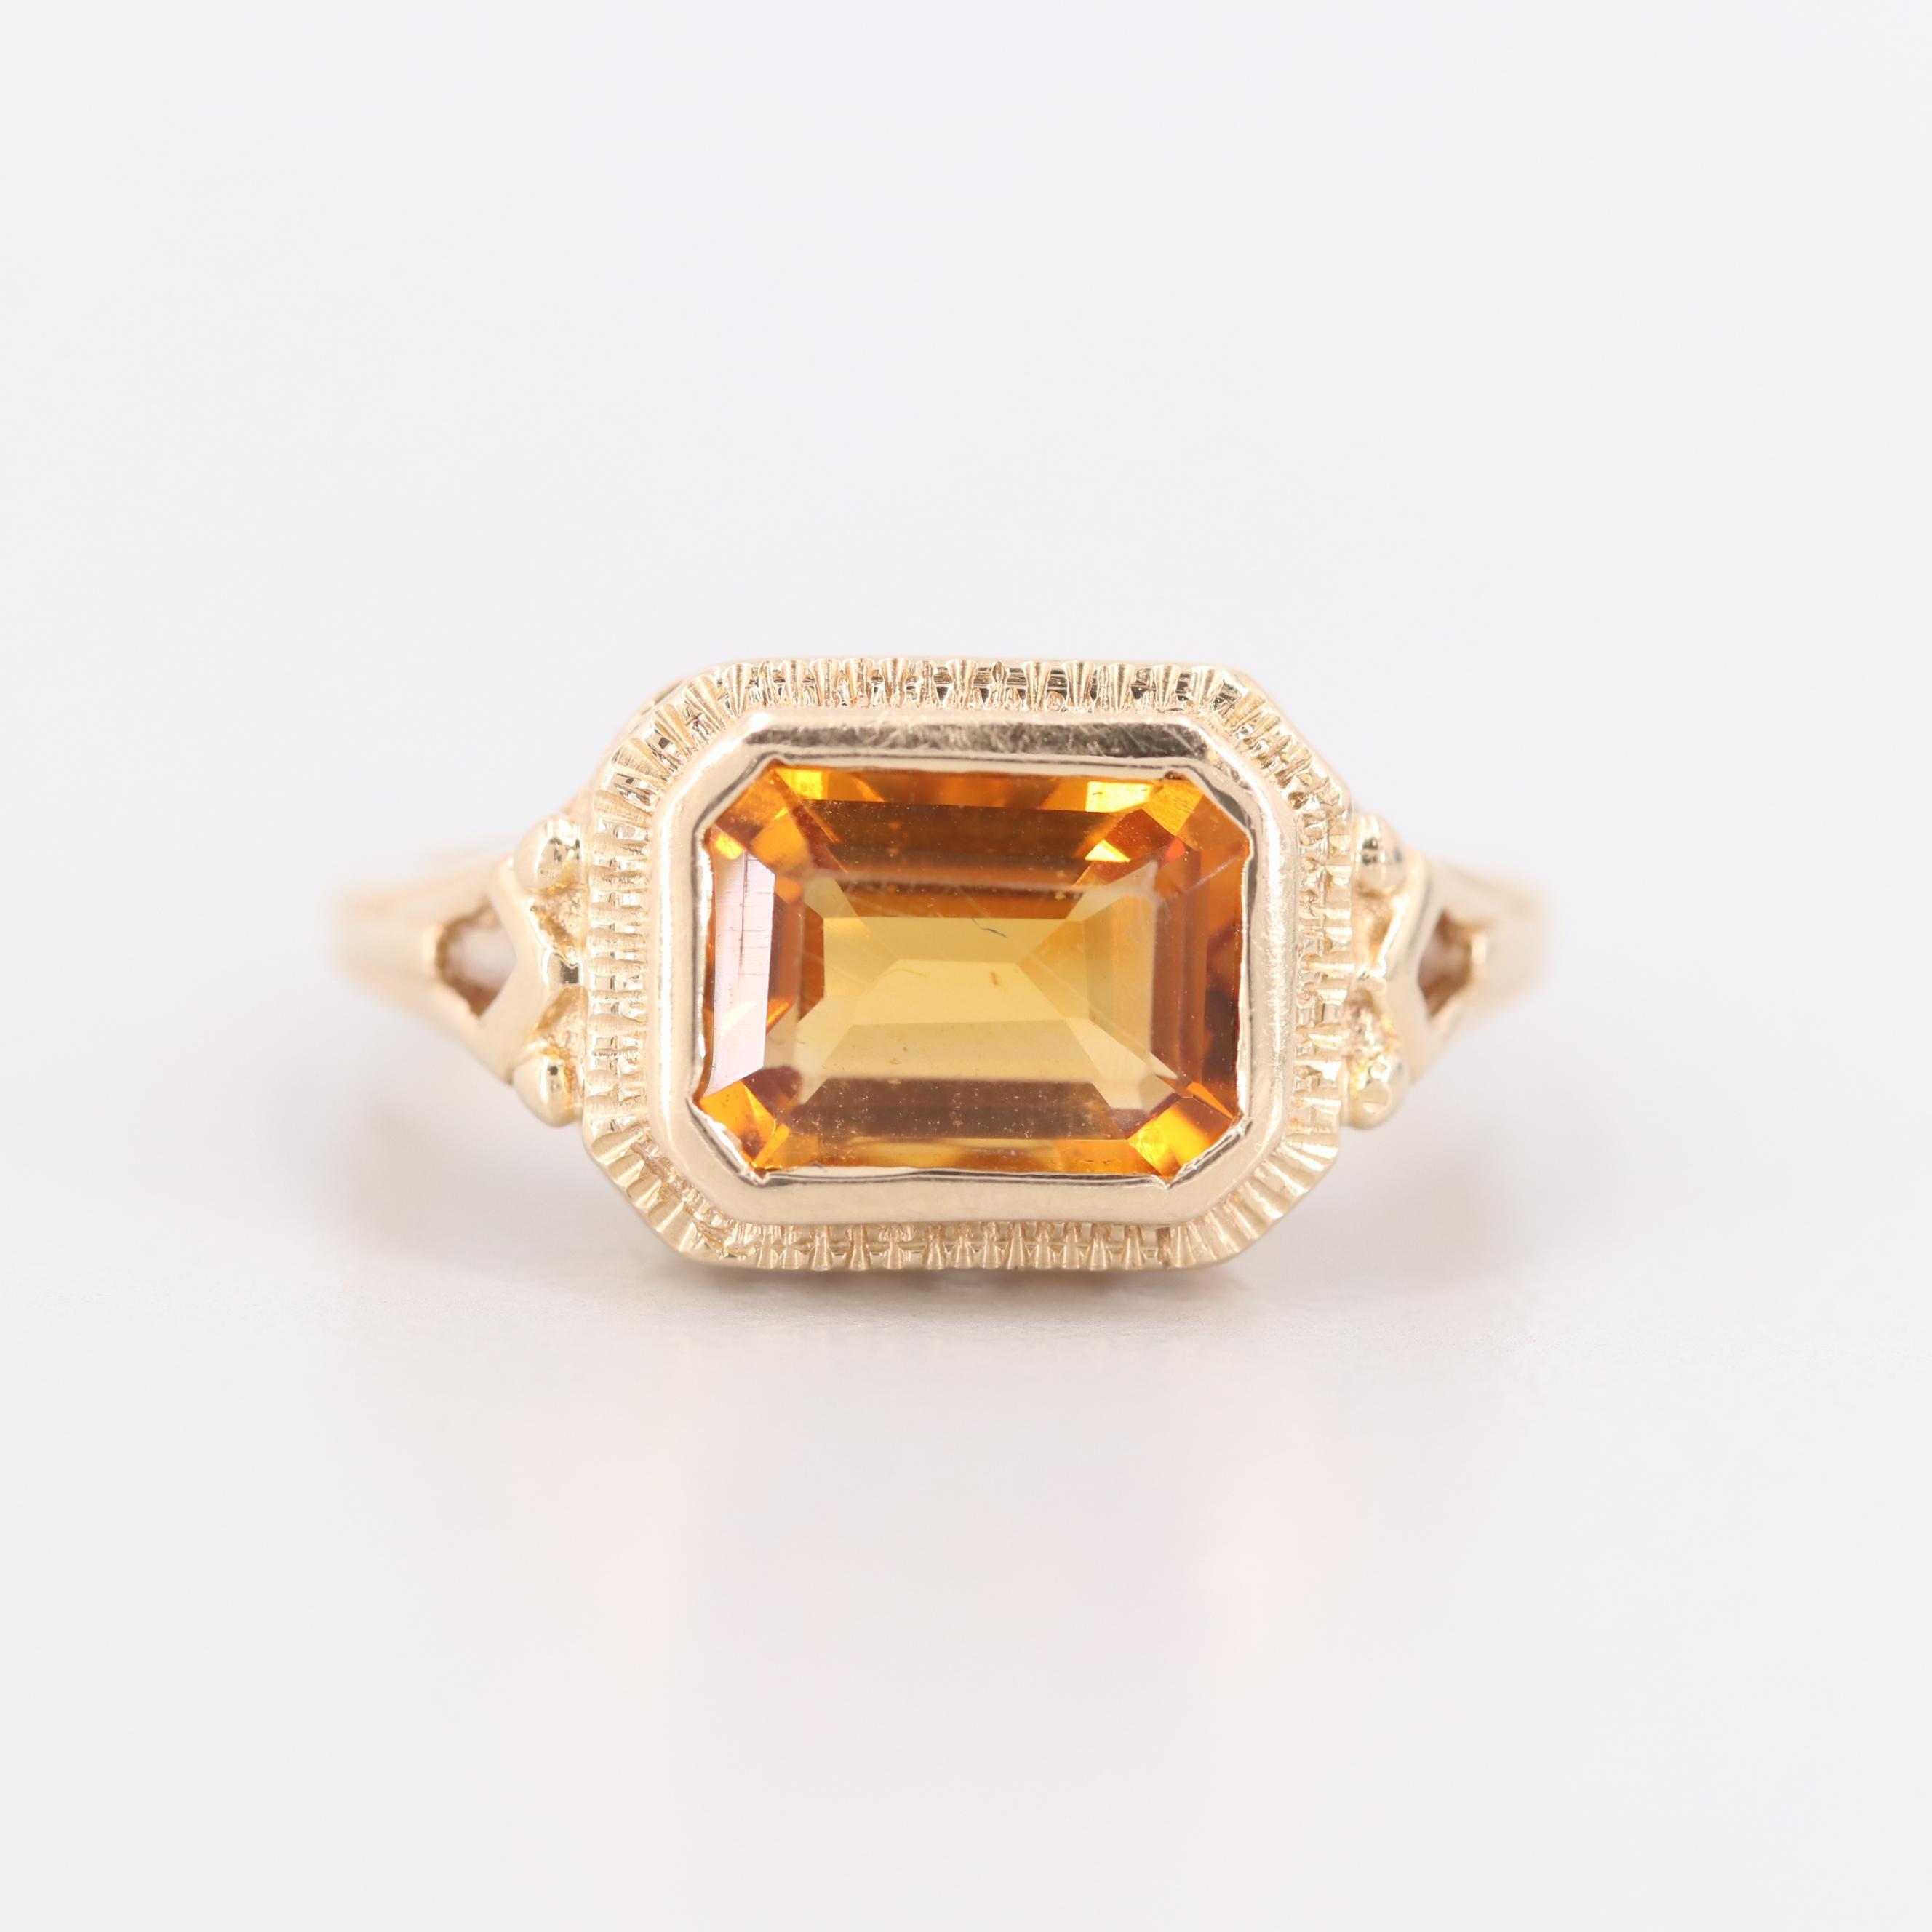 14K Yellow Gold Citrine Openwork Ring